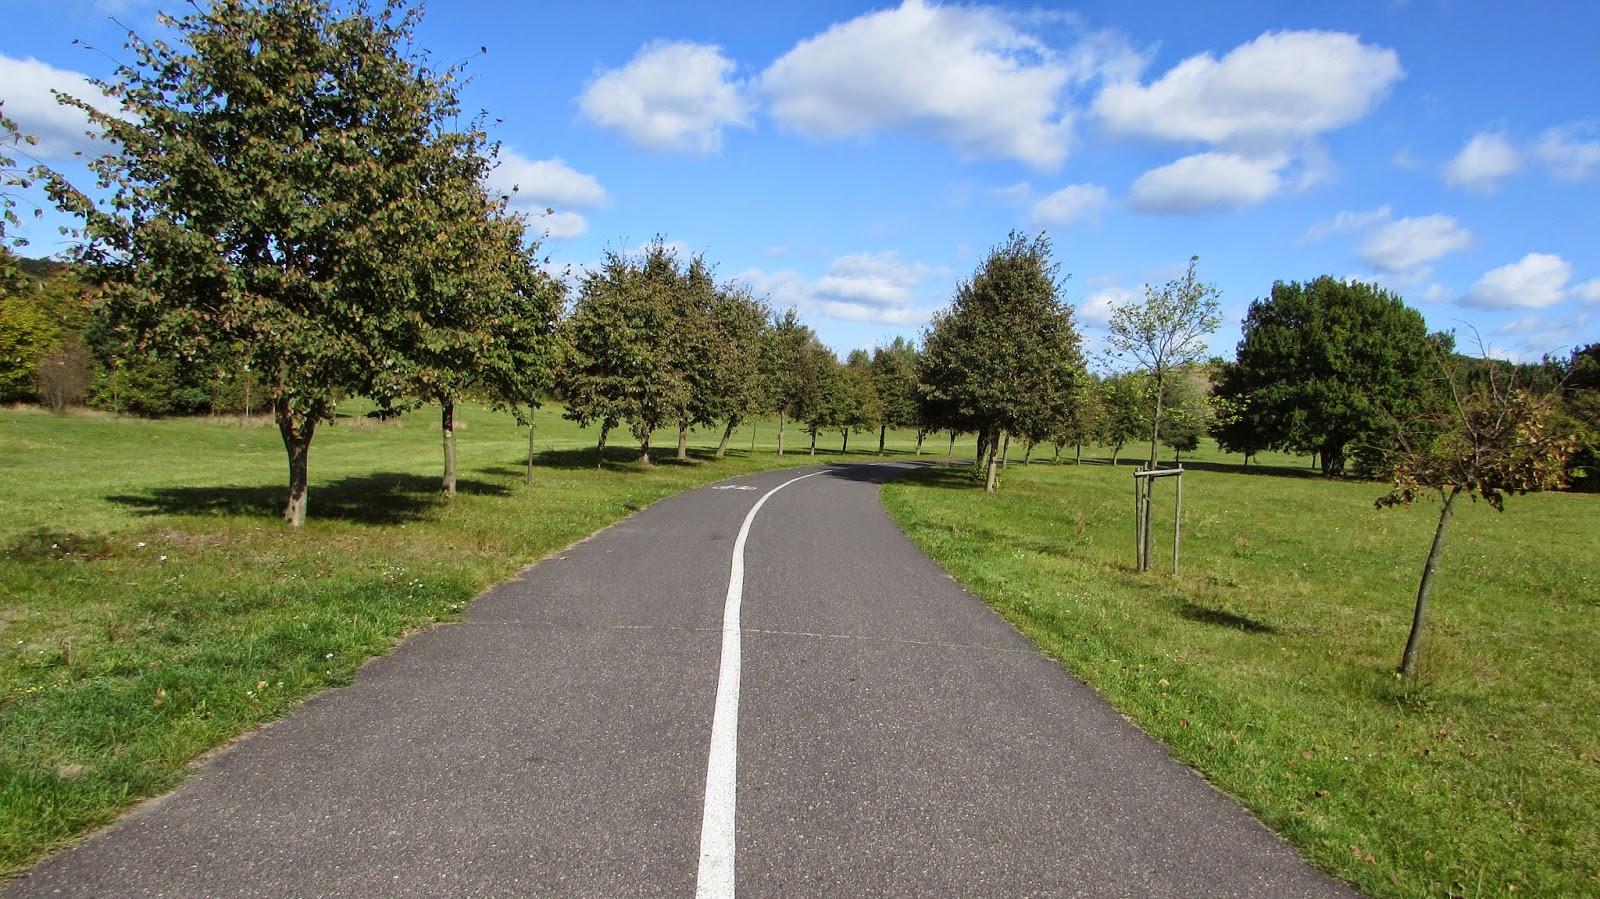 Biegać czy nie biegać- oto jest pytanie